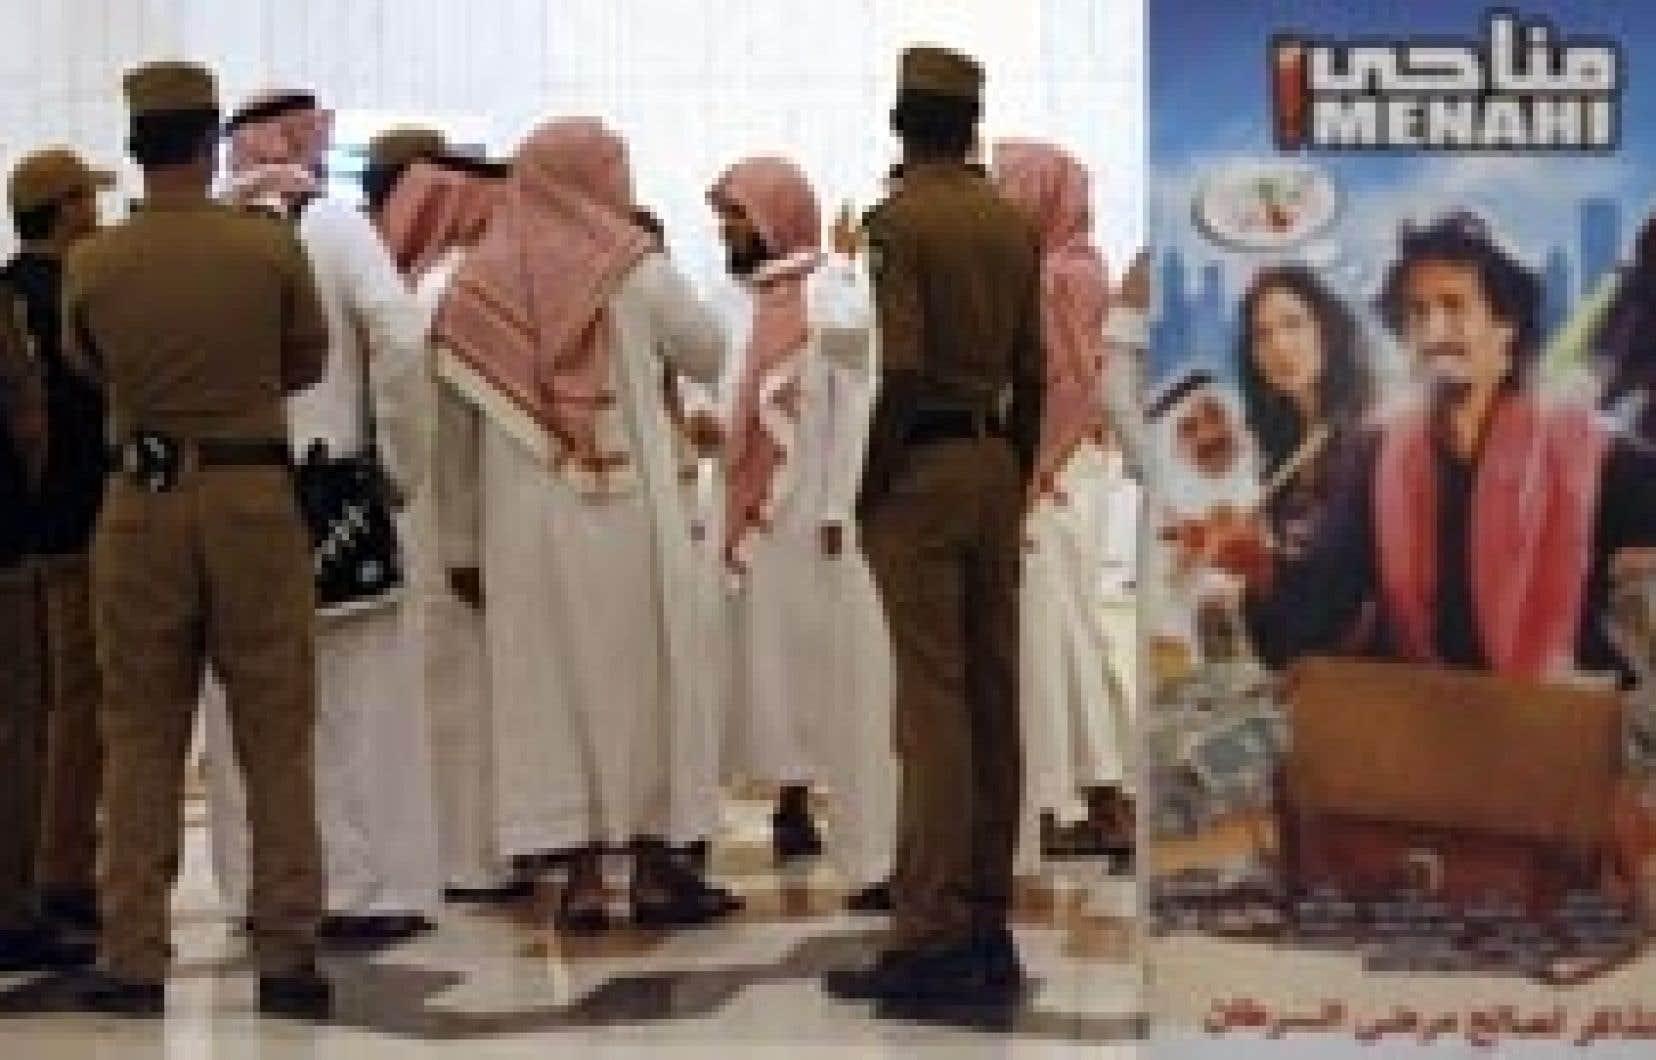 Les cinéphiles n'ont eu que quelques heures de préavis pour acheter leur billet, mais ils ont bravé les activistes islamistes venus dénoncer le cinéma comme une source de désastre pour le pays.